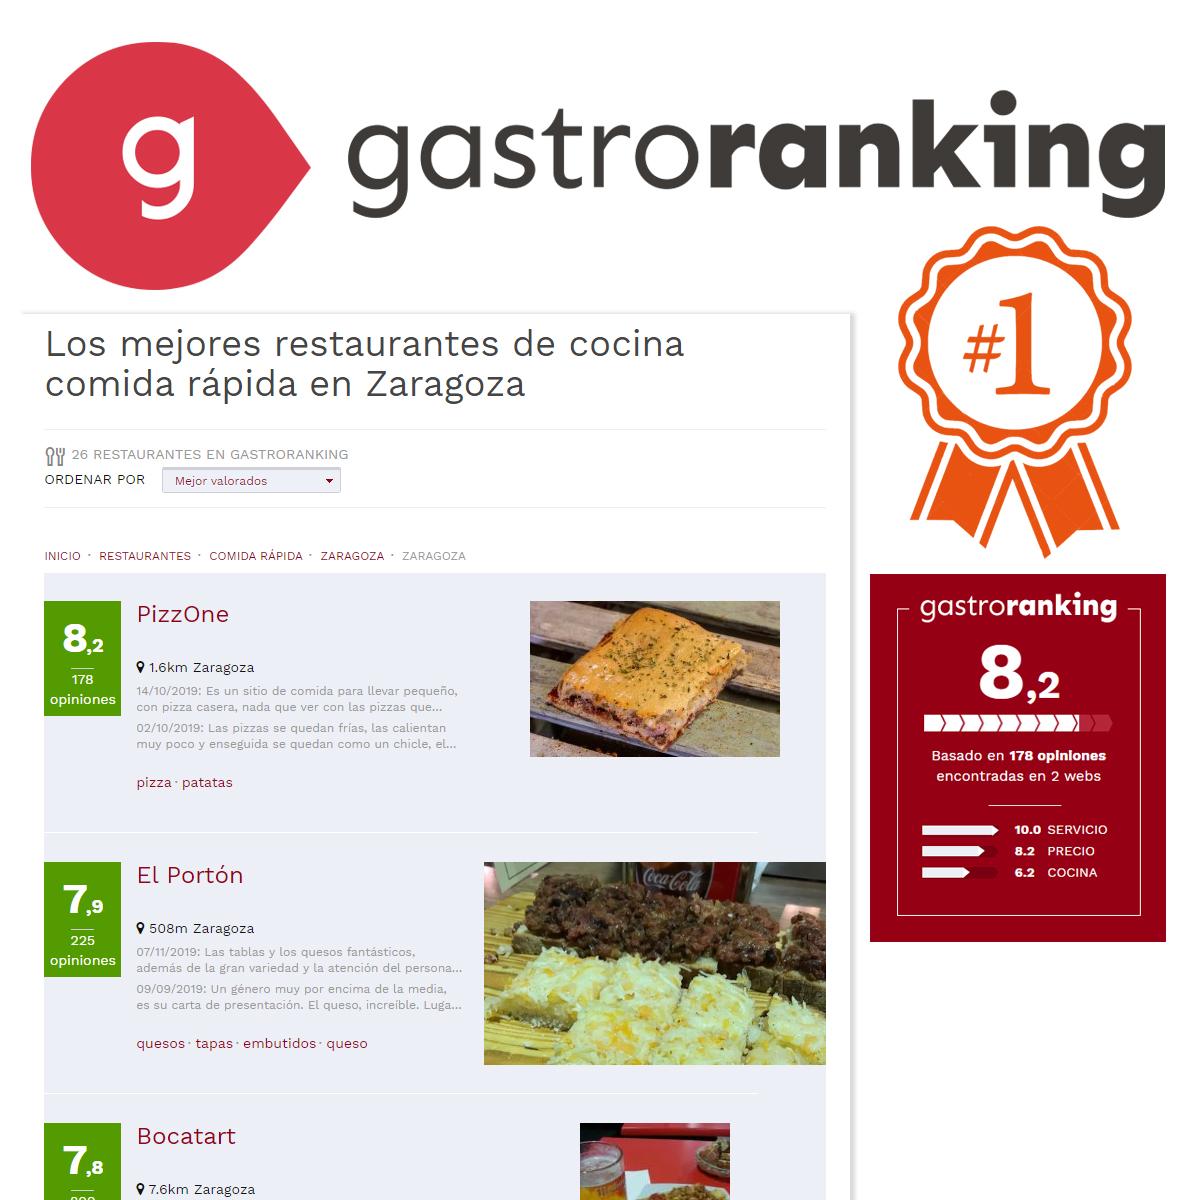 Mejor restaurante de comida rápida en Zaragoza según Gastroranking